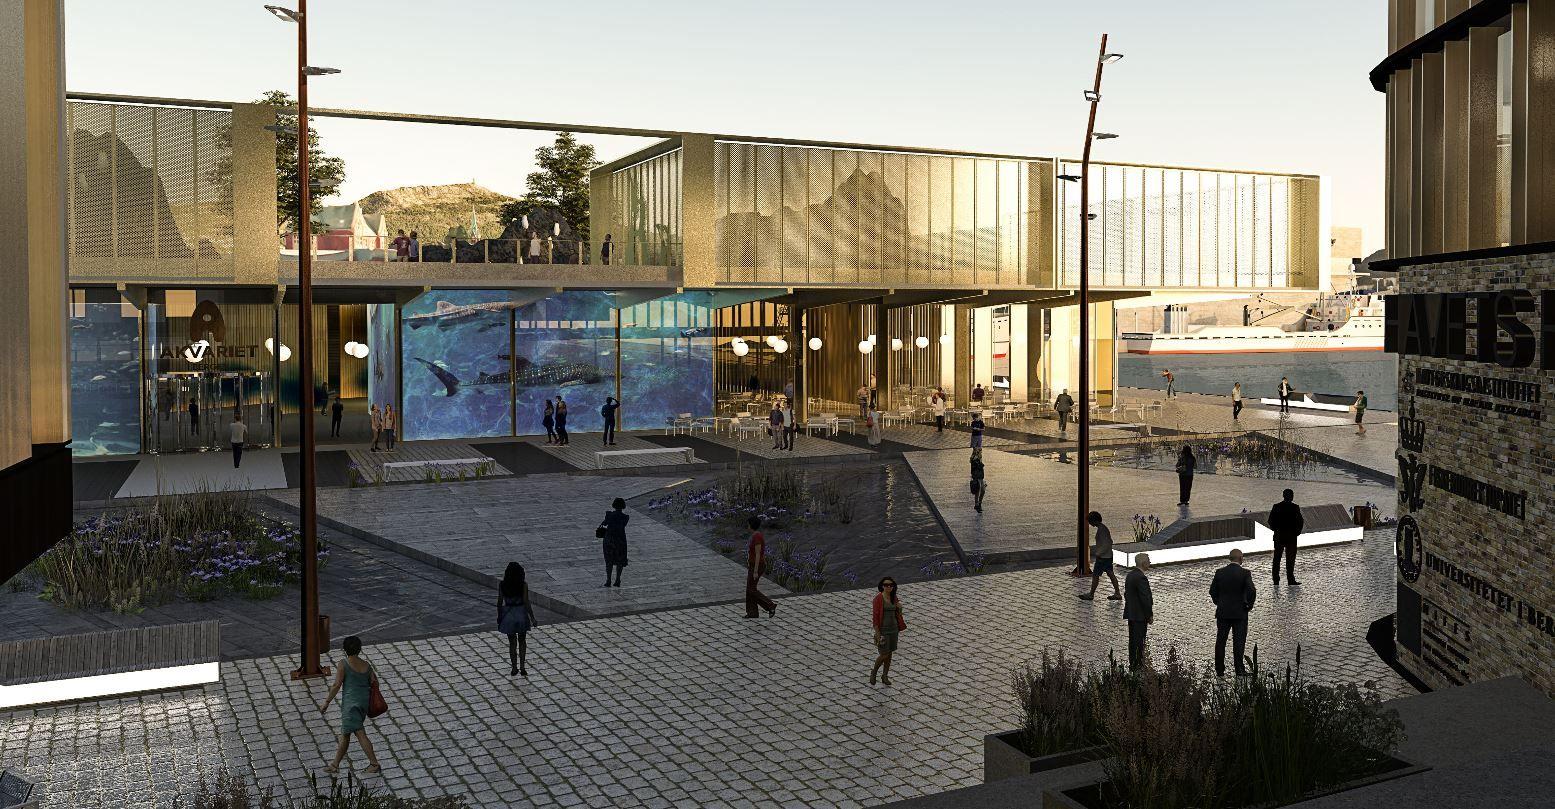 IKKE SIGNALBYGG: Arkitekt Fredrik Barth mener det nye akvariet ikke trenger å være et signalbygg, men at det skal skape et «signalbyrom» på Dokken.  Her er det lagt opp til vannlek og rompetrolljakt for barn.